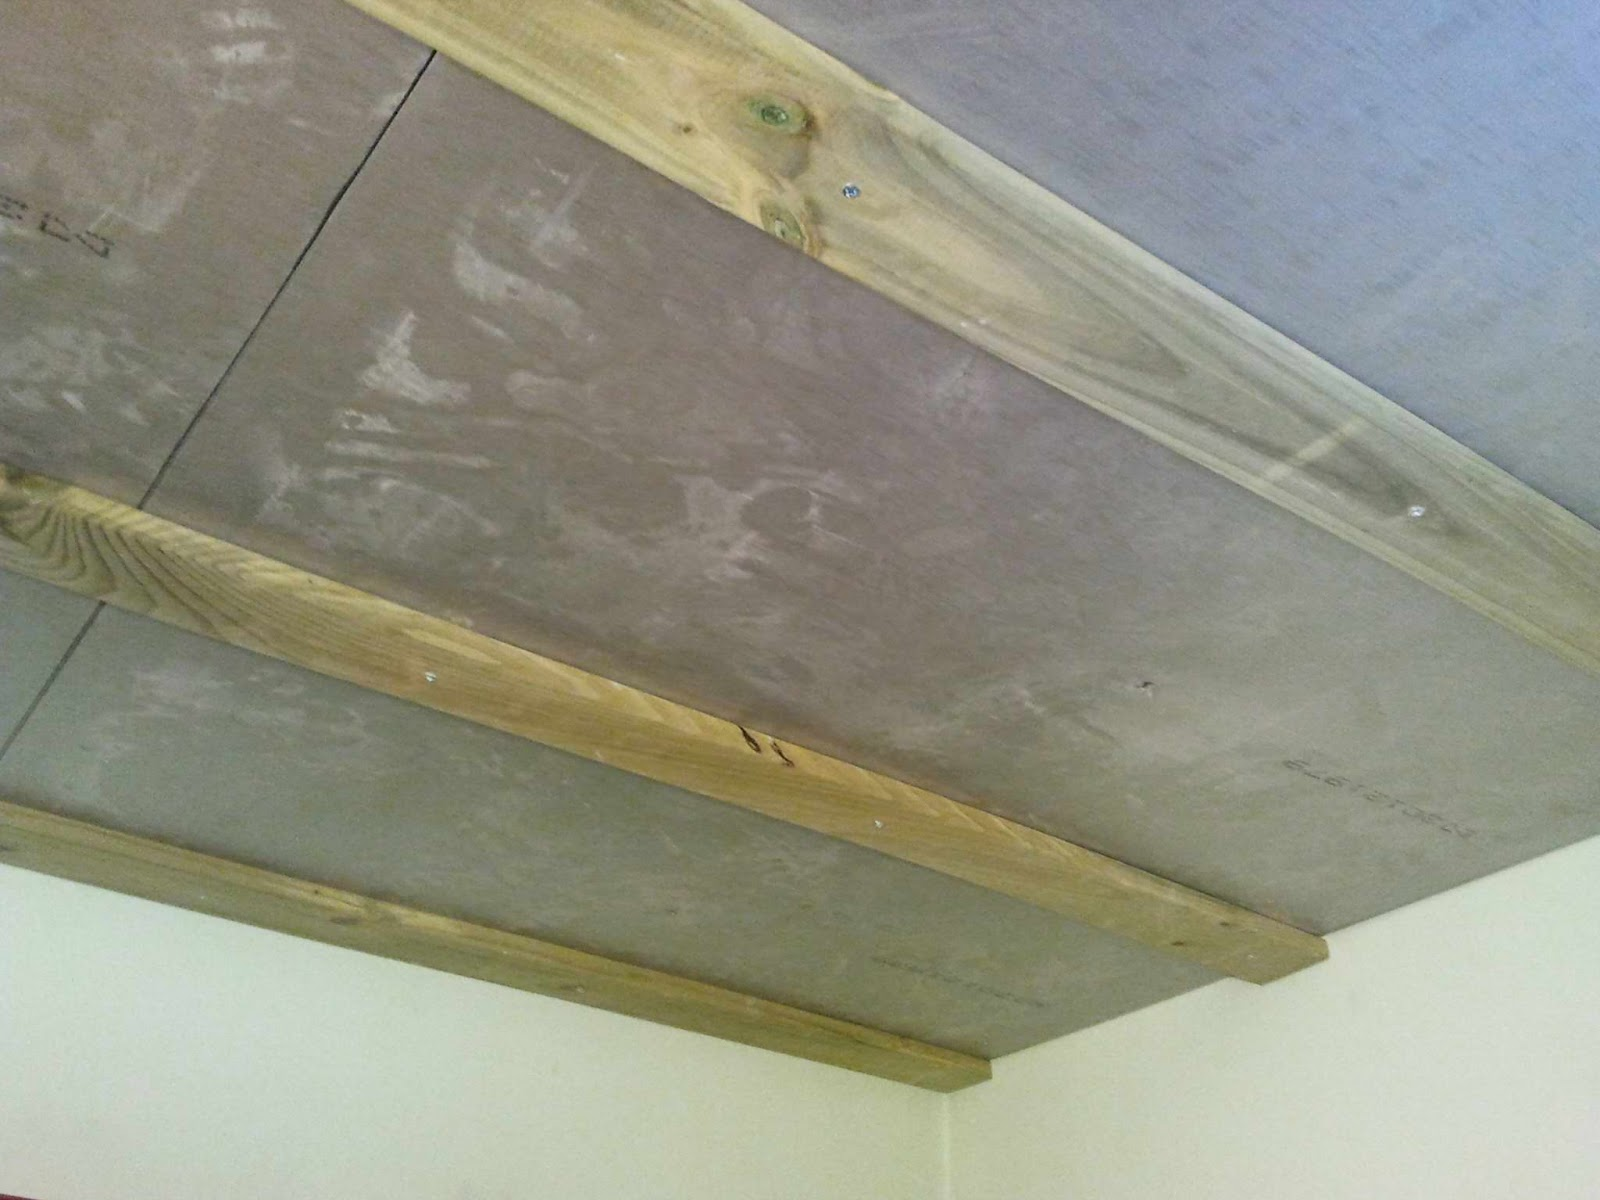 Tecnolog a para un progreso sostenible c mo aislar - Material aislante para paredes ...